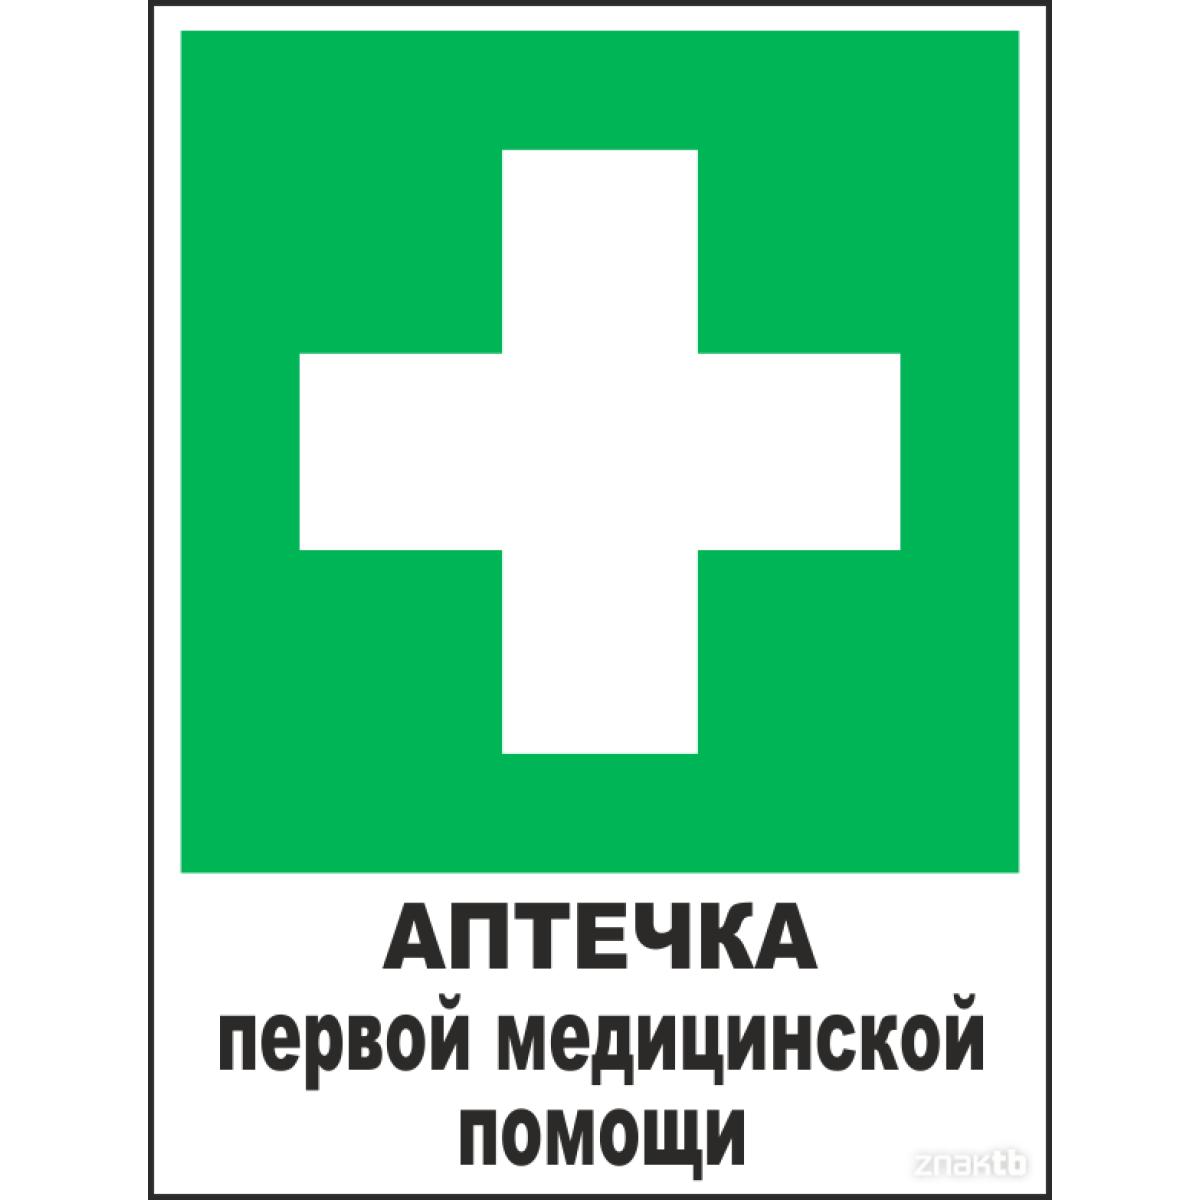 Знак Аптечка первой медицинской помощи